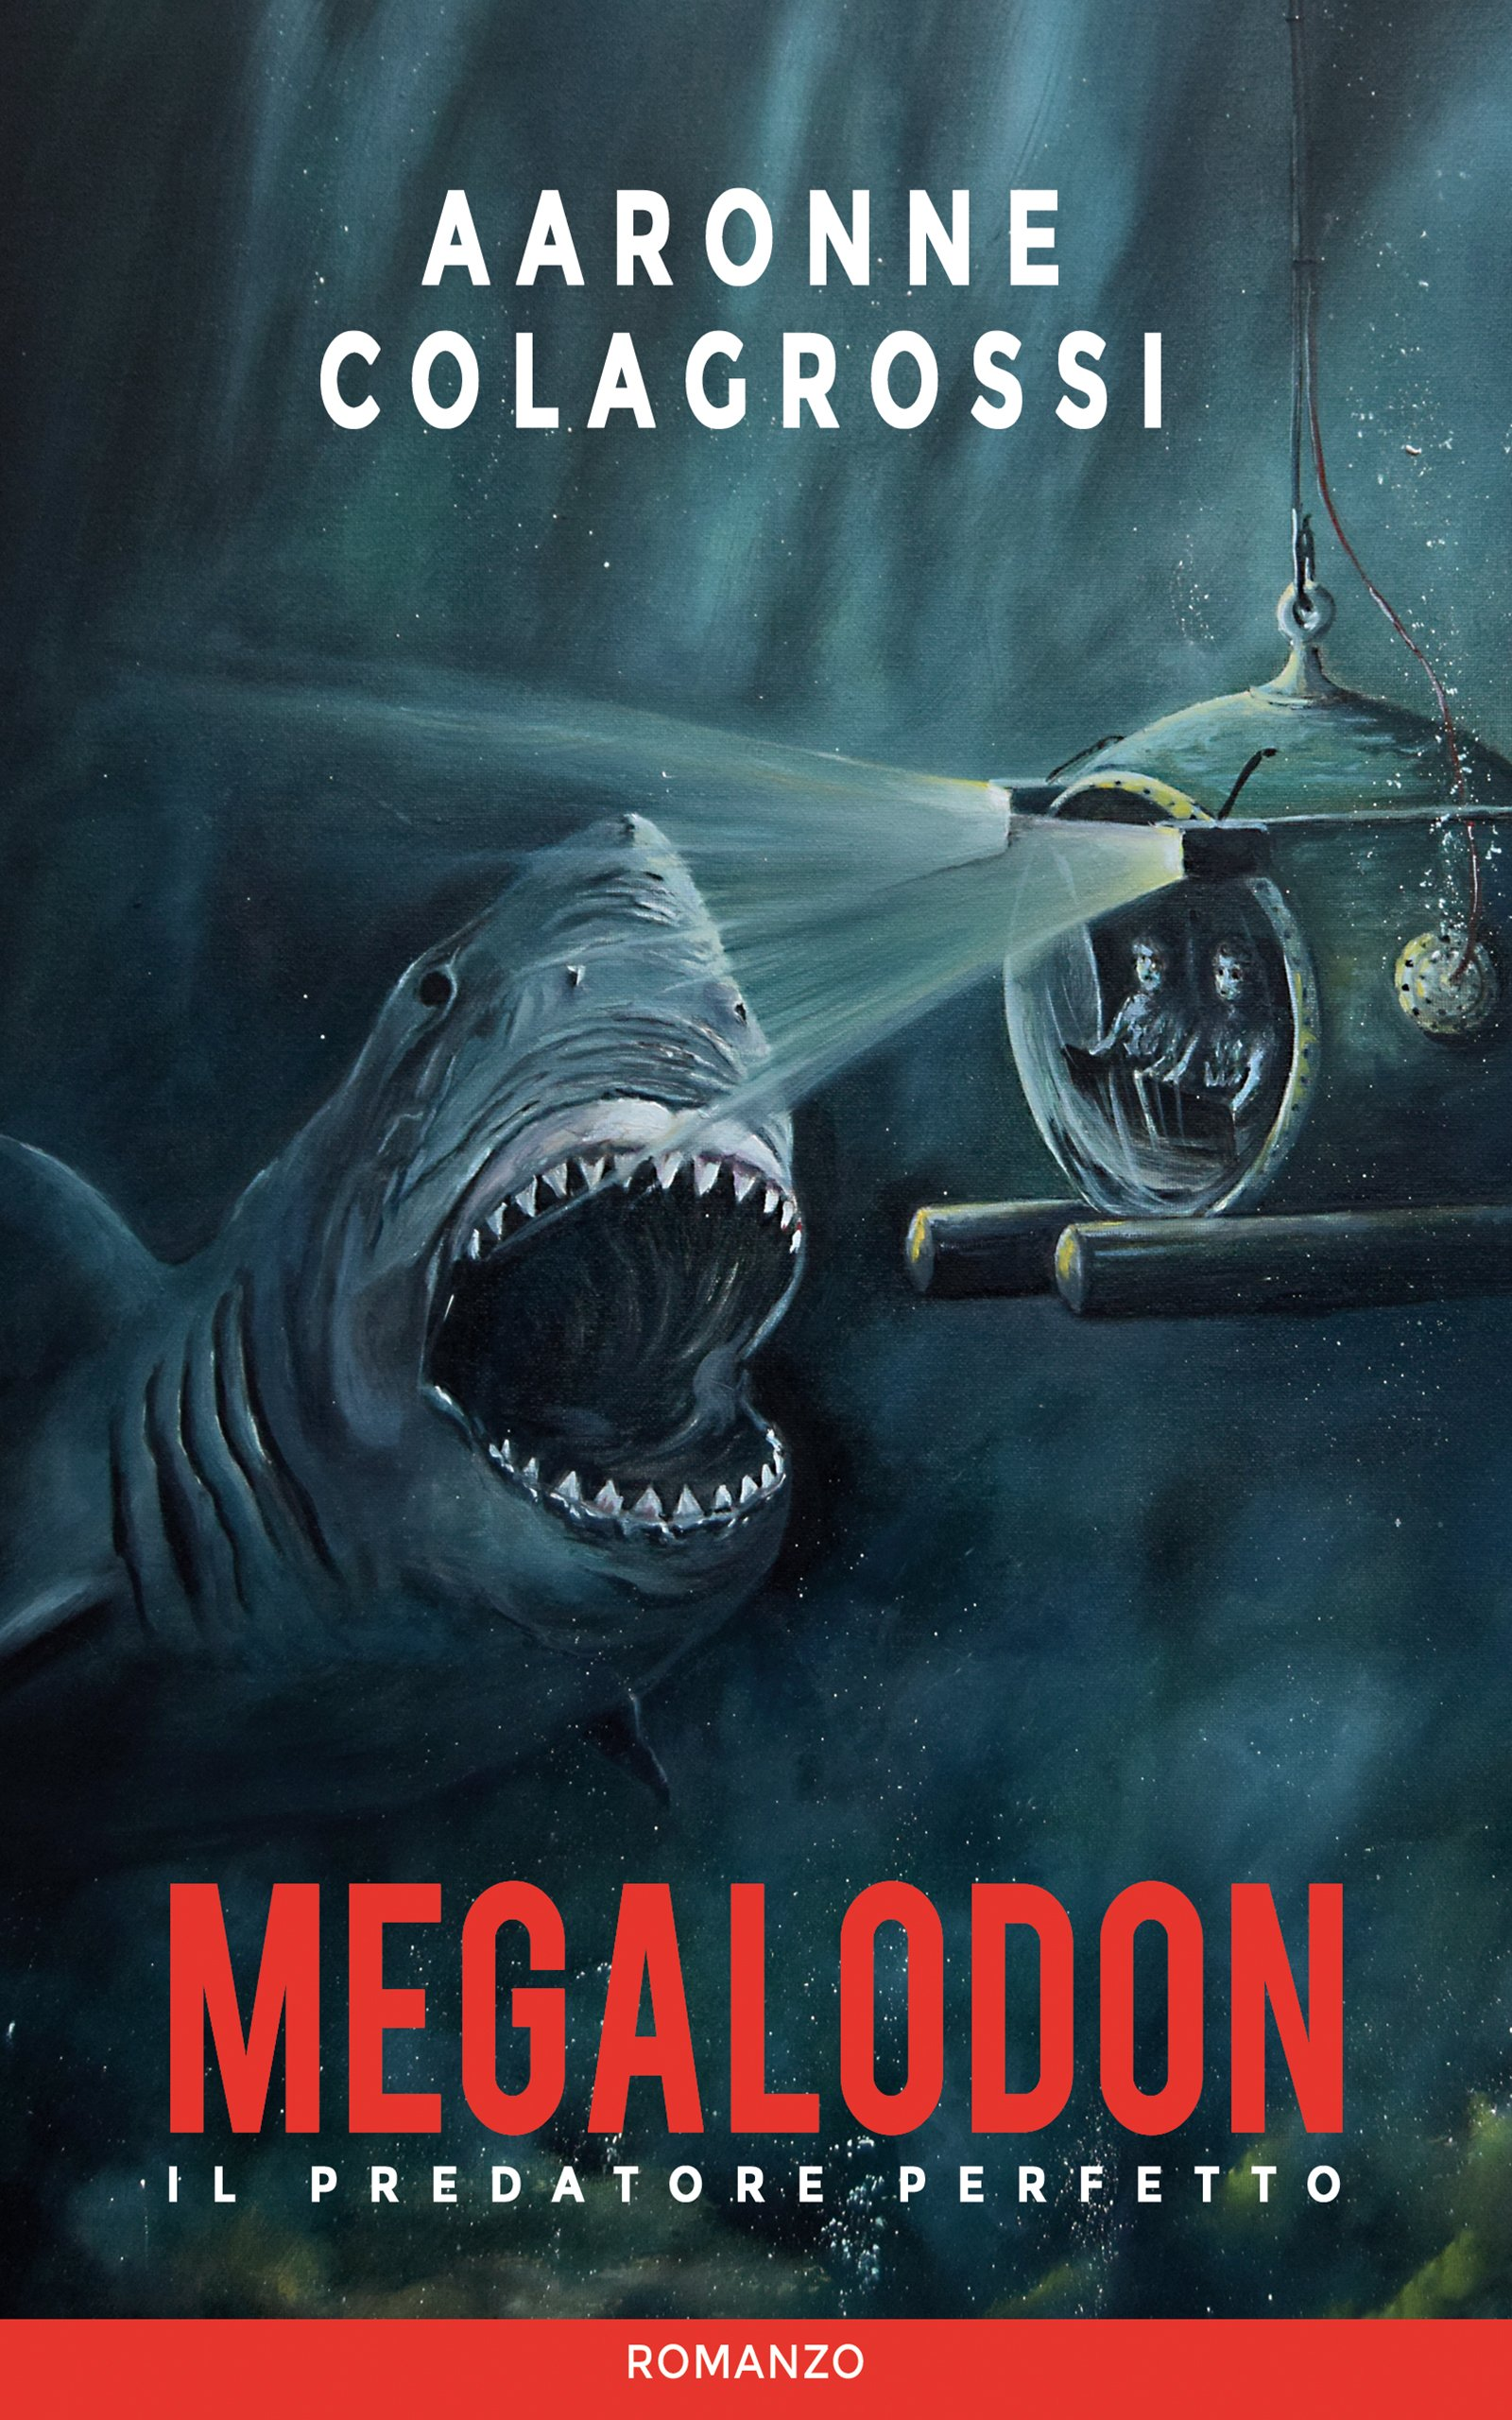 Megalodon il predatore perfetto (Italian Edition) por Aaronne Colagrossi